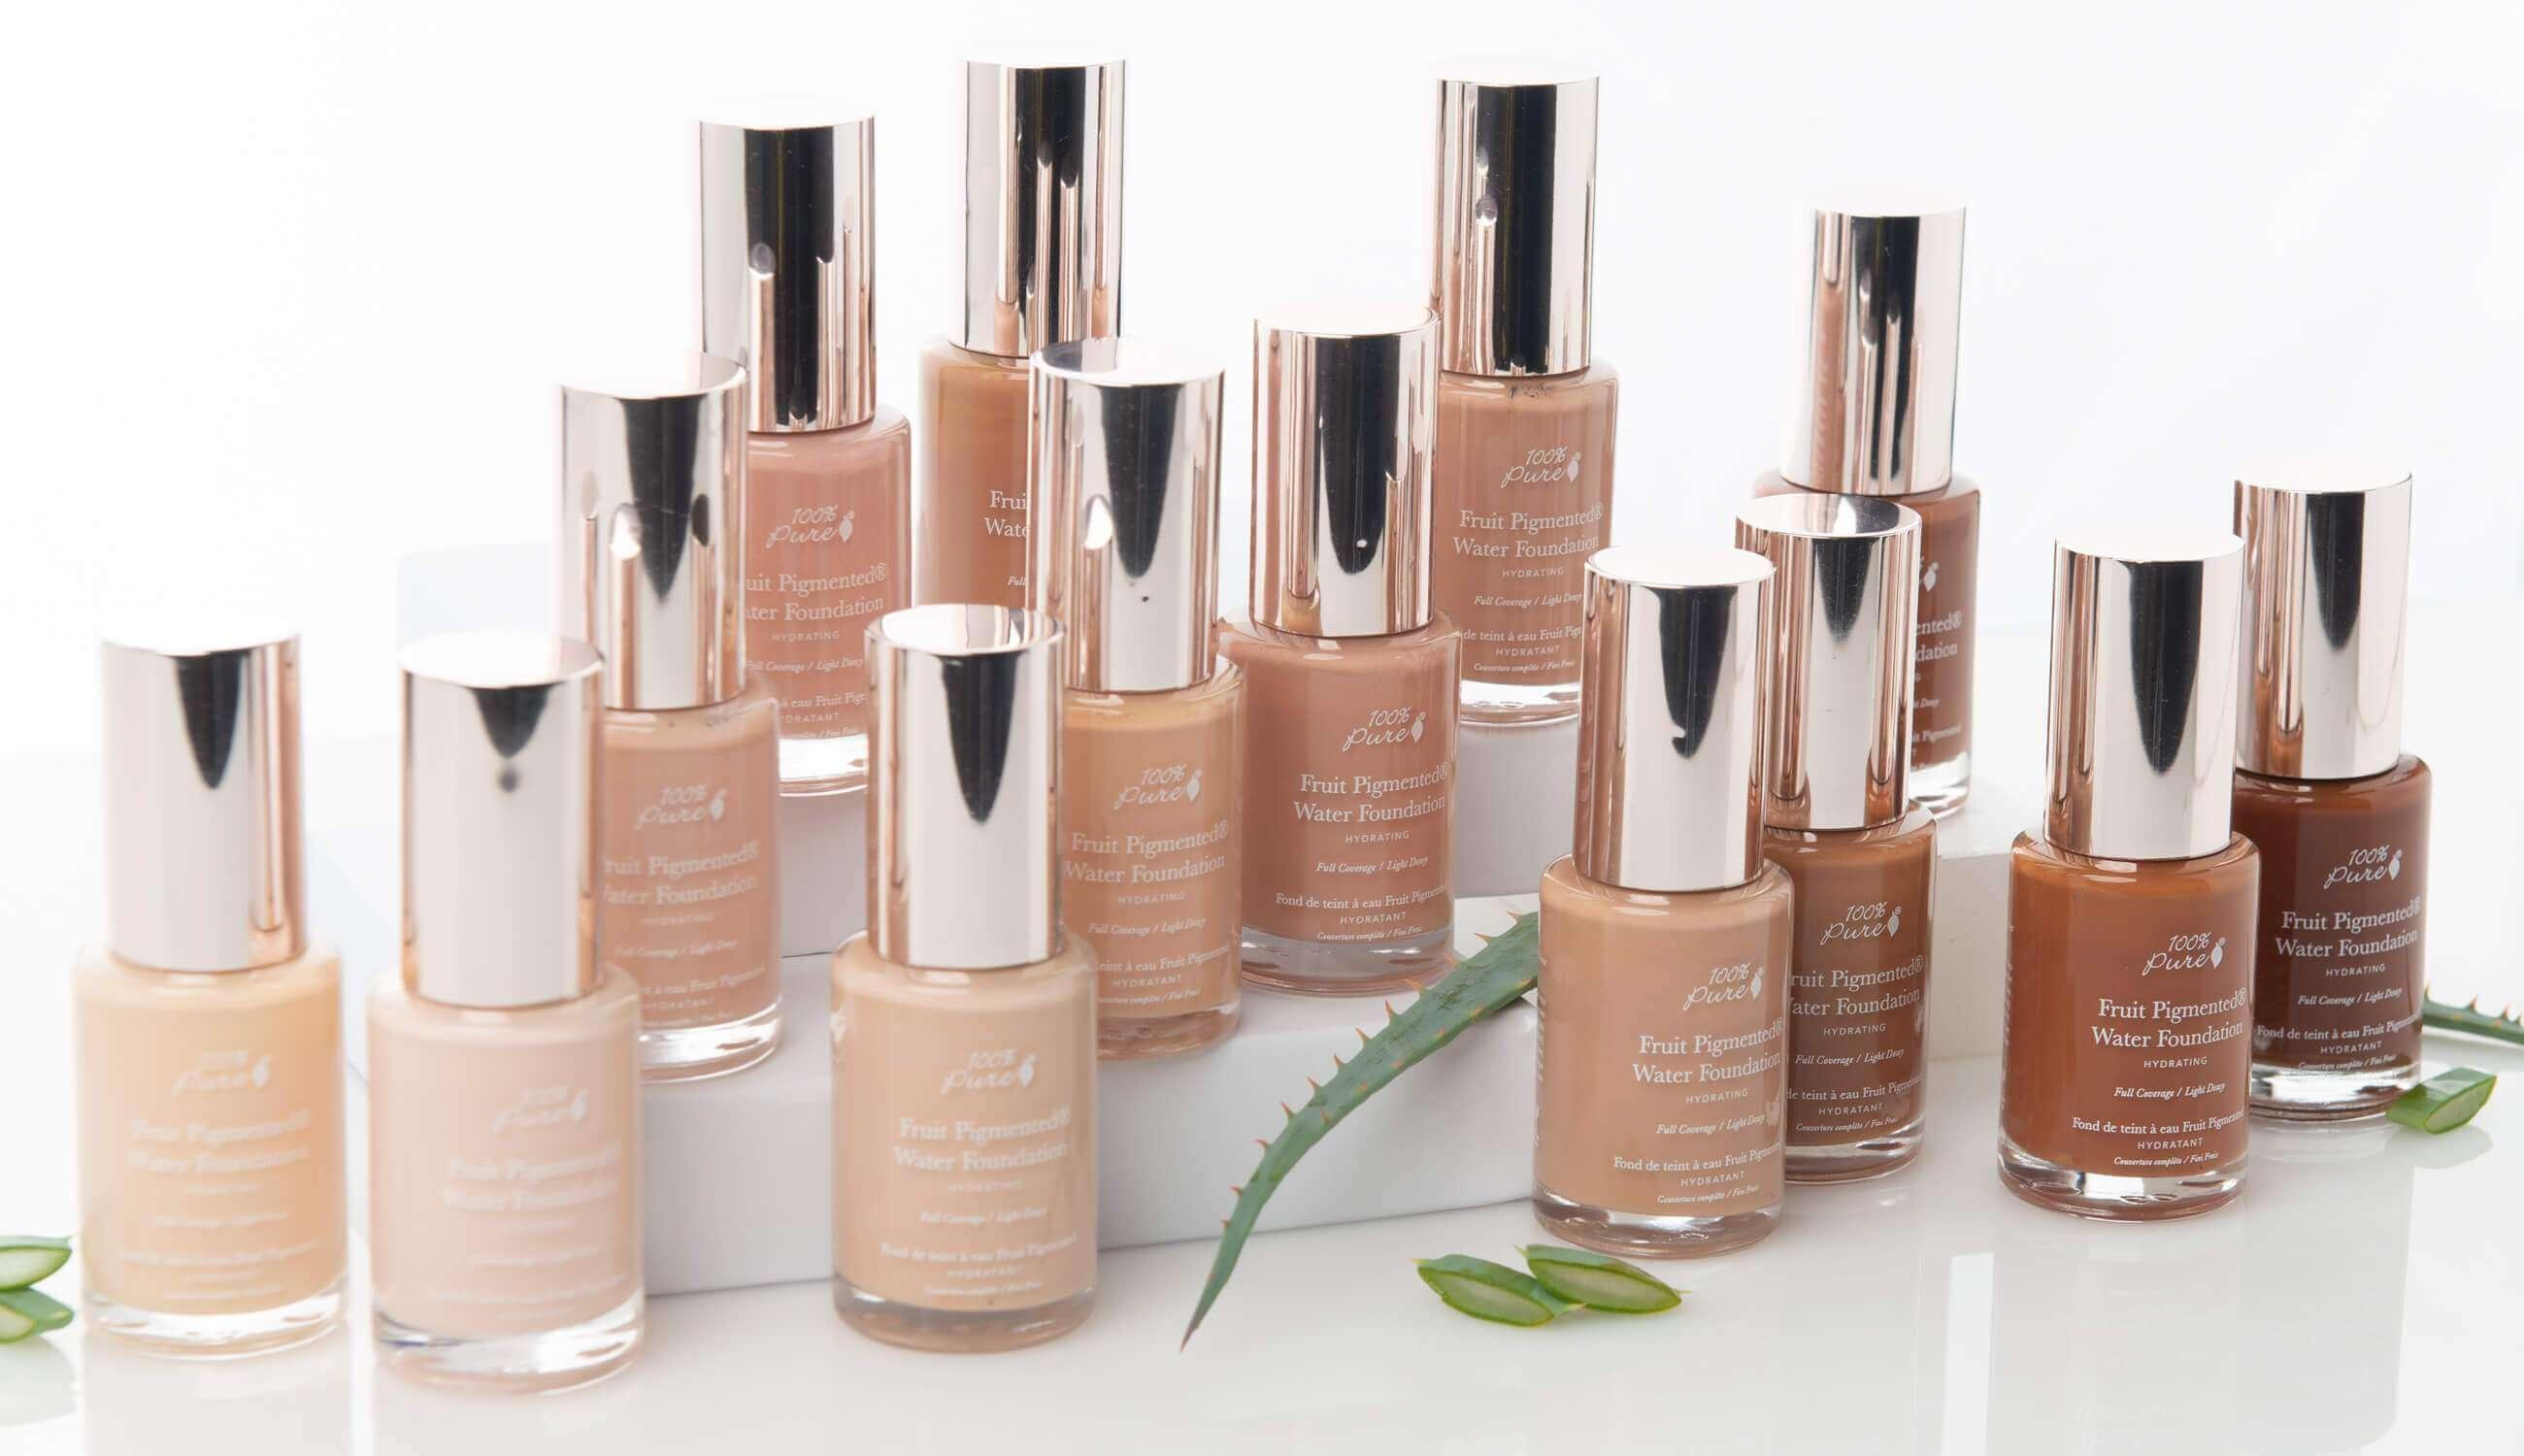 Ľahký makeup s obsahom aloe vera, s prírodným zložením od značky 100percent pure